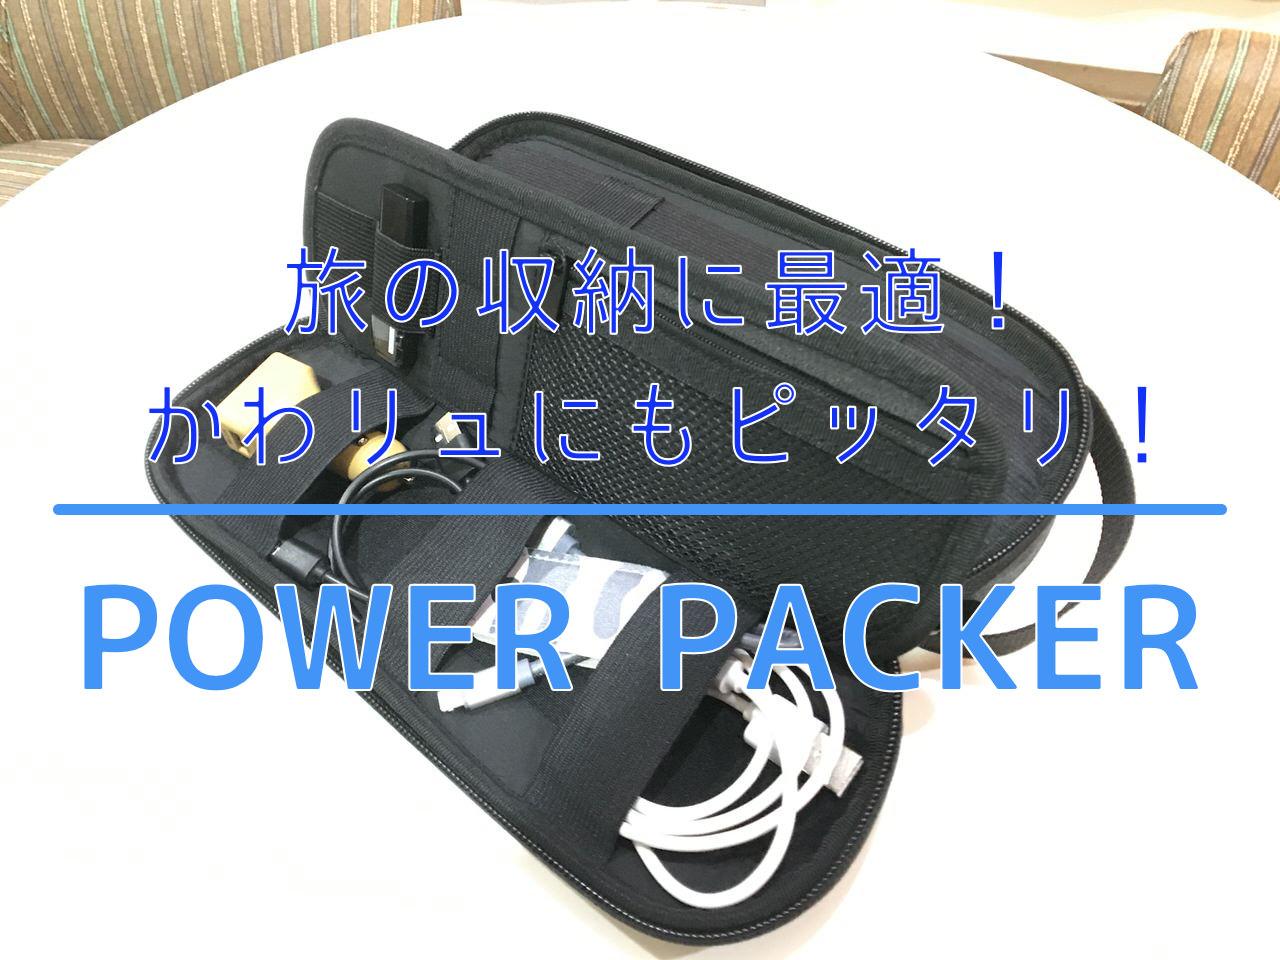 旅でガジェット類を収納するのに「POWER PACKER」が良いしかわリュにもピッタリだという話をしよう